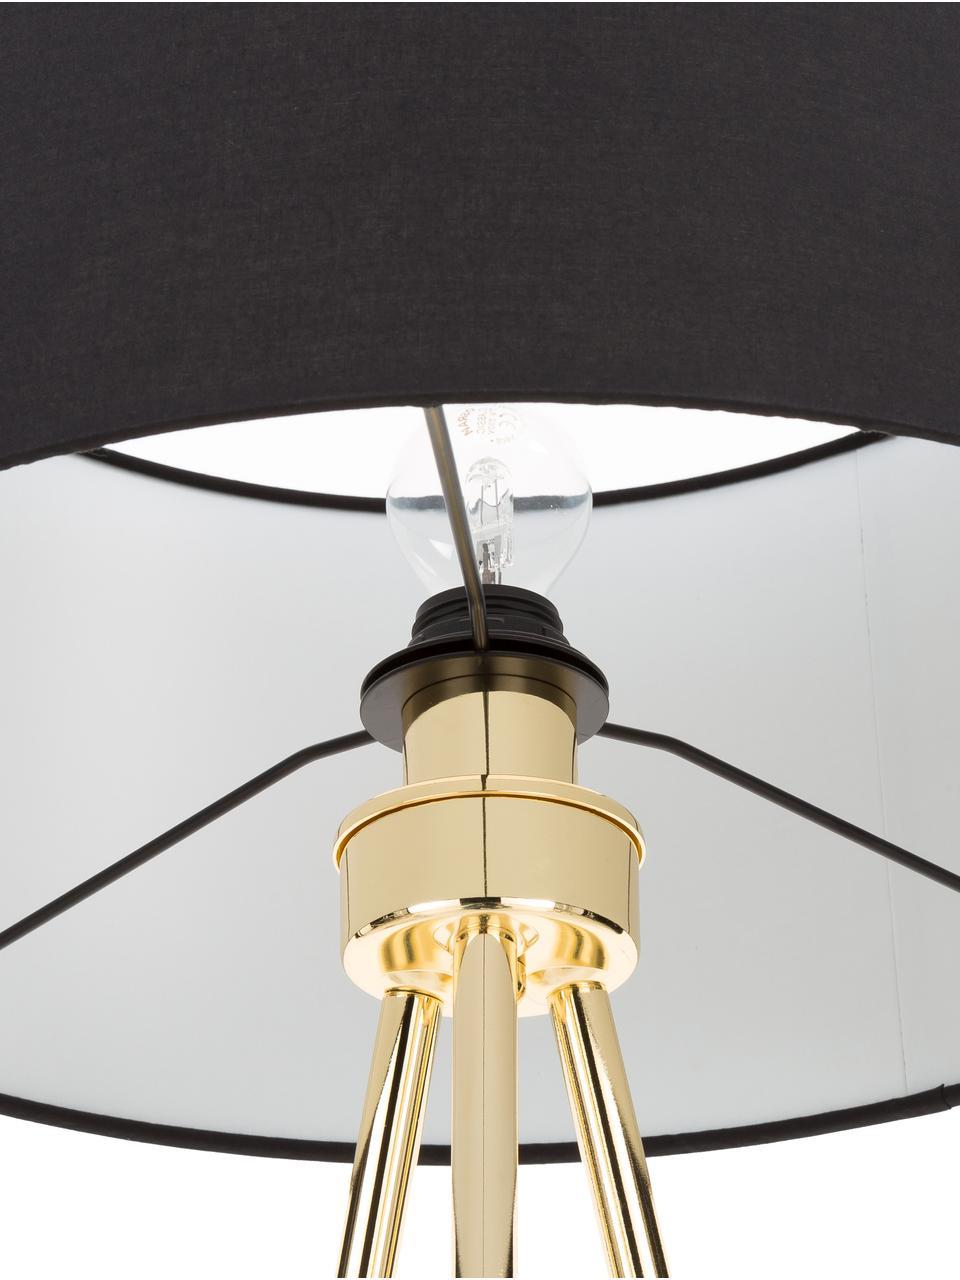 Tripod Stehlampe Cella mit Stoffschirm, Lampenschirm: Baumwollgemisch, Lampenfuß: Metall, Schwarz, Goldfarben, Ø 45 x H 147 cm